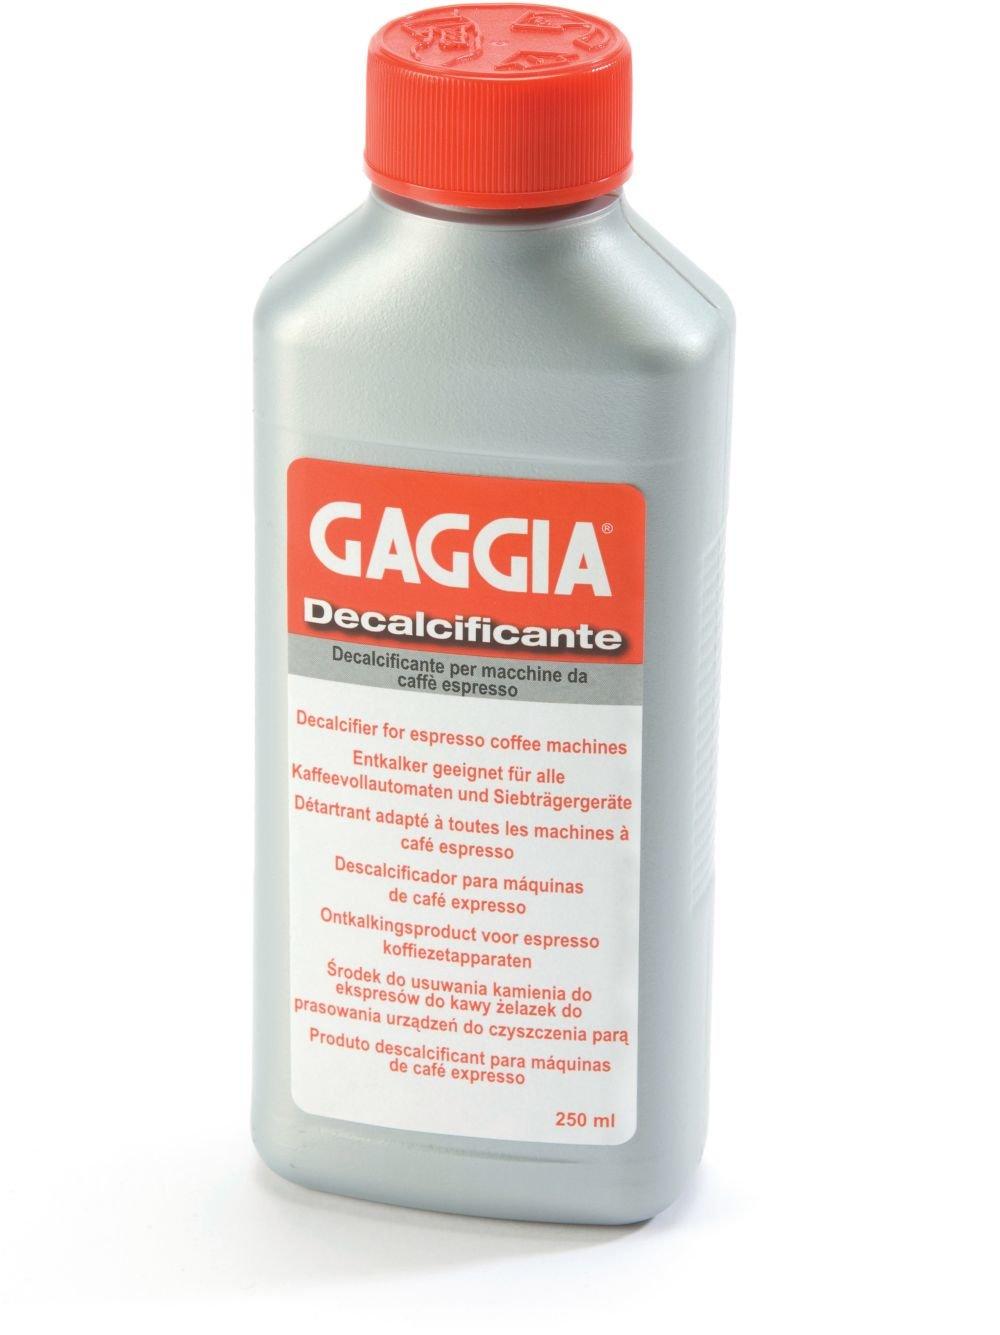 Gaggia Decalcifier Descaler Solution,250ml